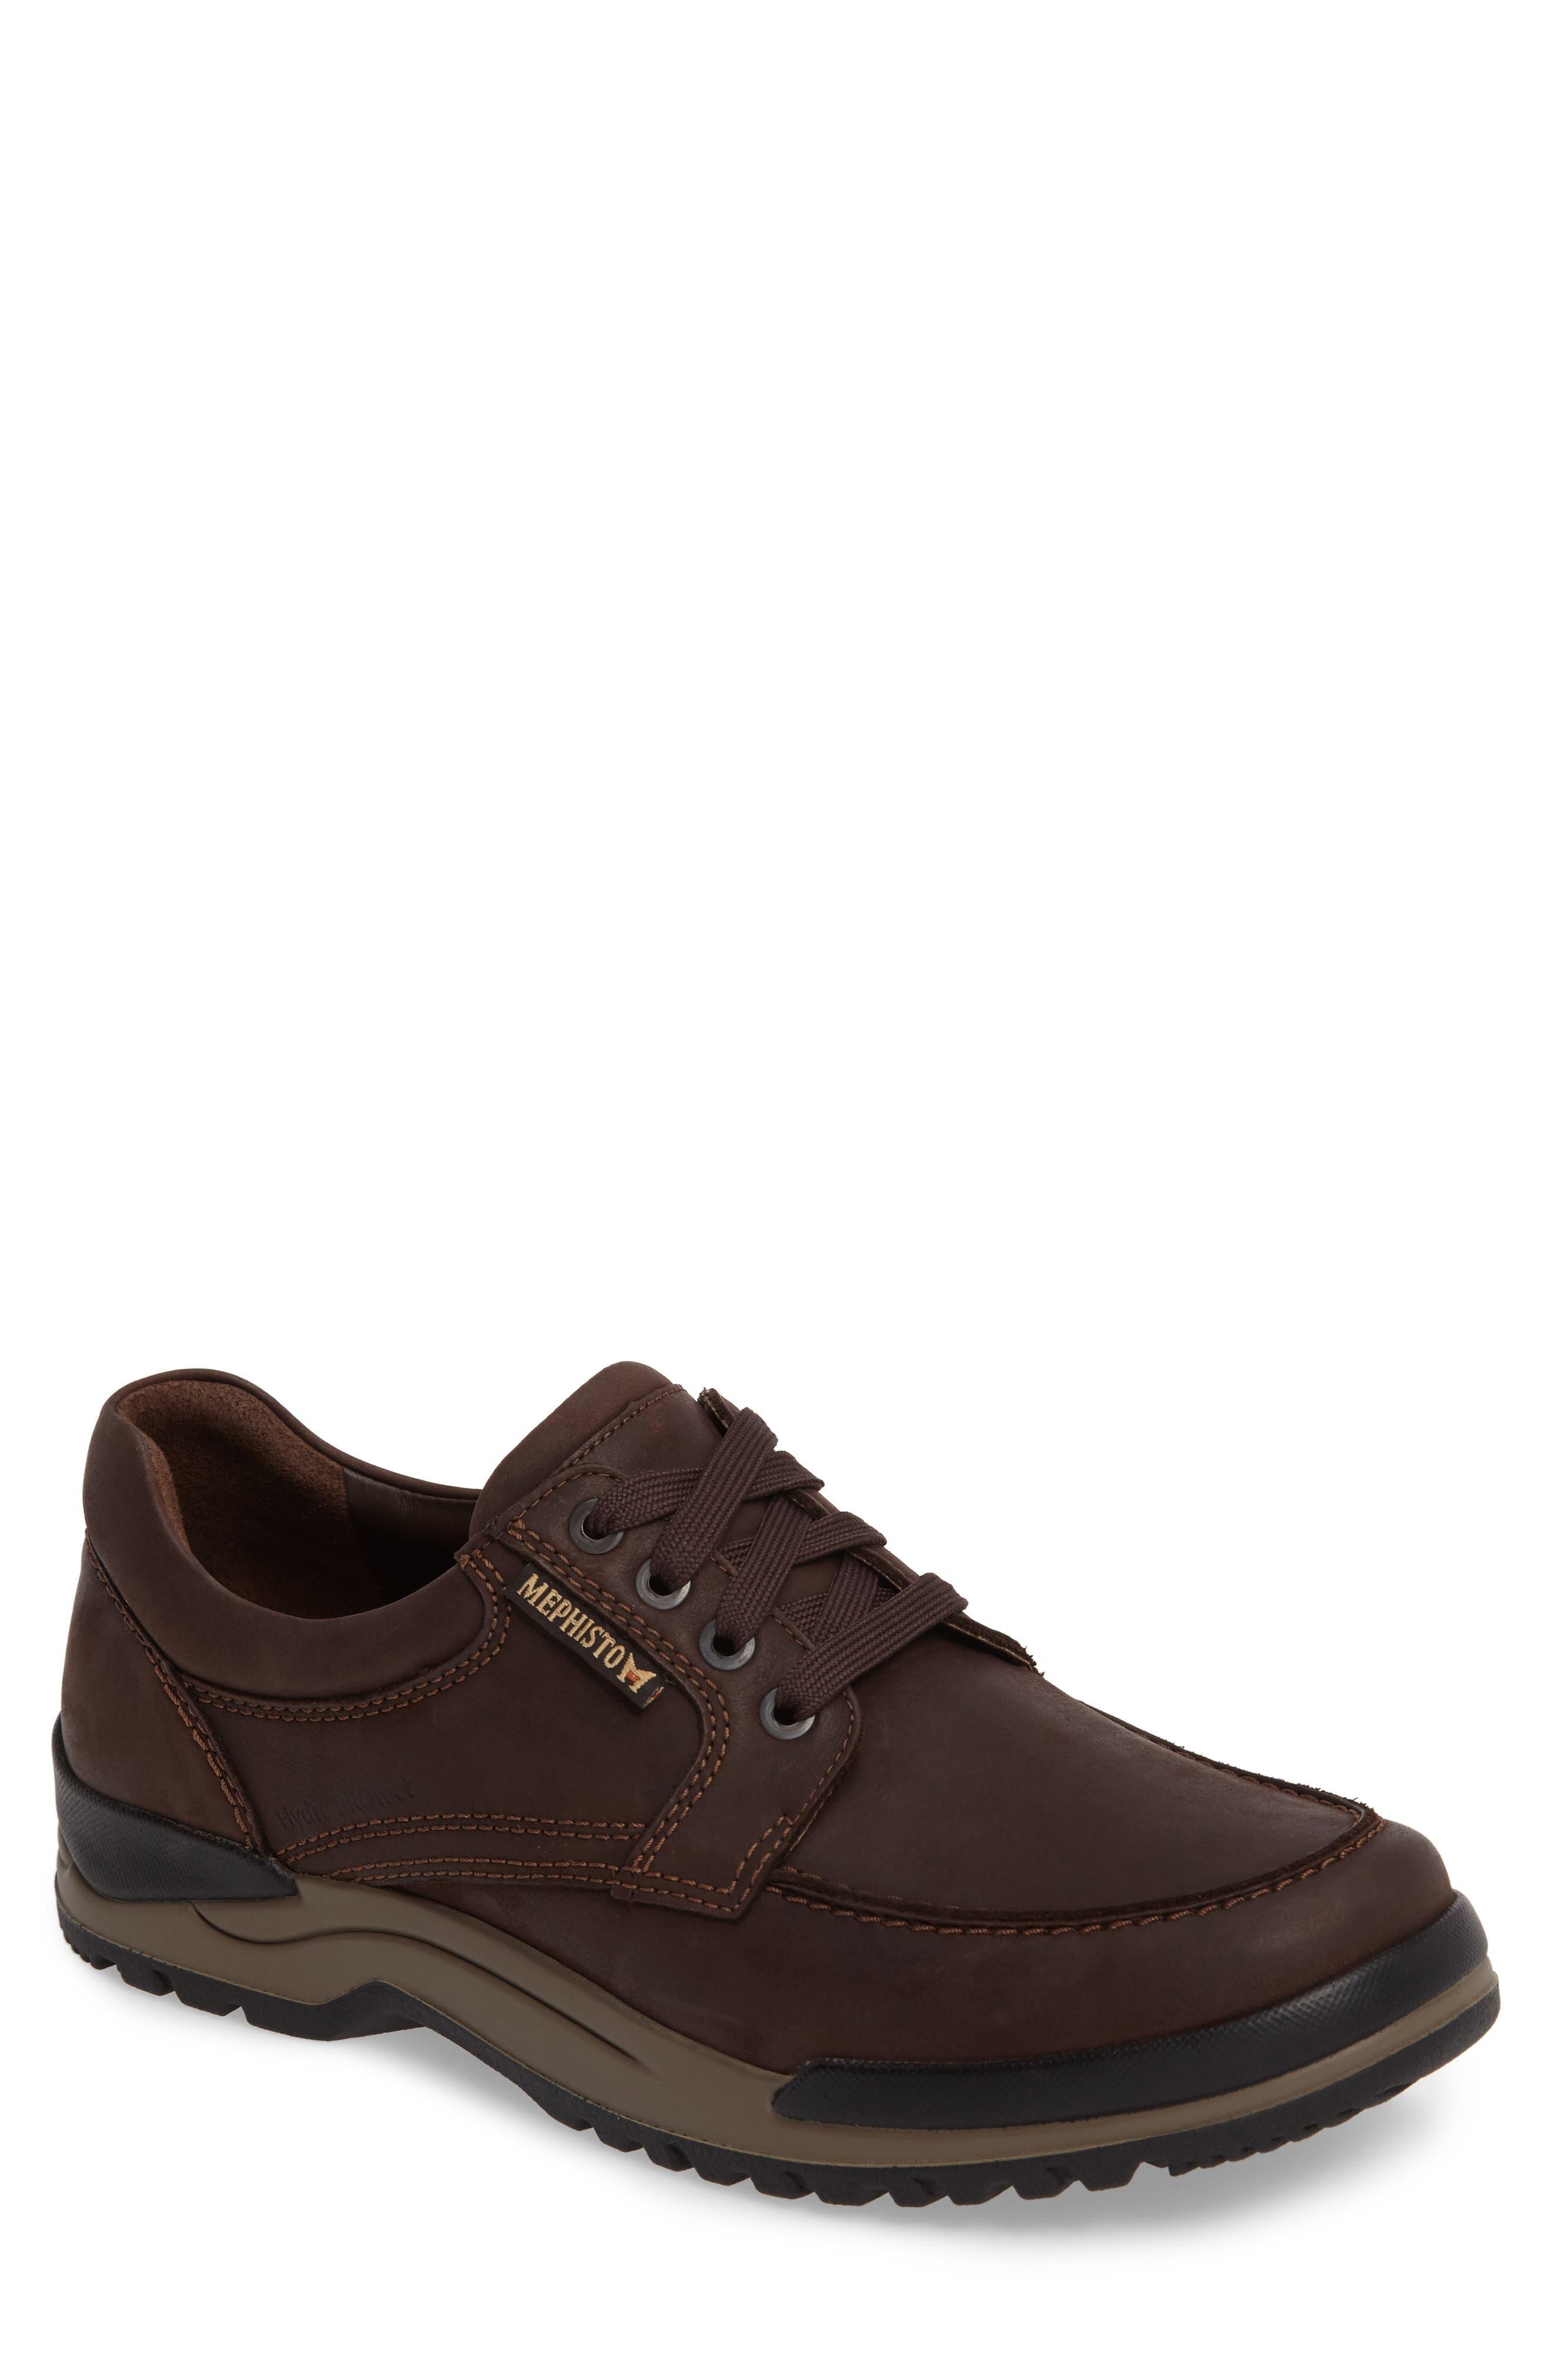 Charles Waterproof Walking Shoe